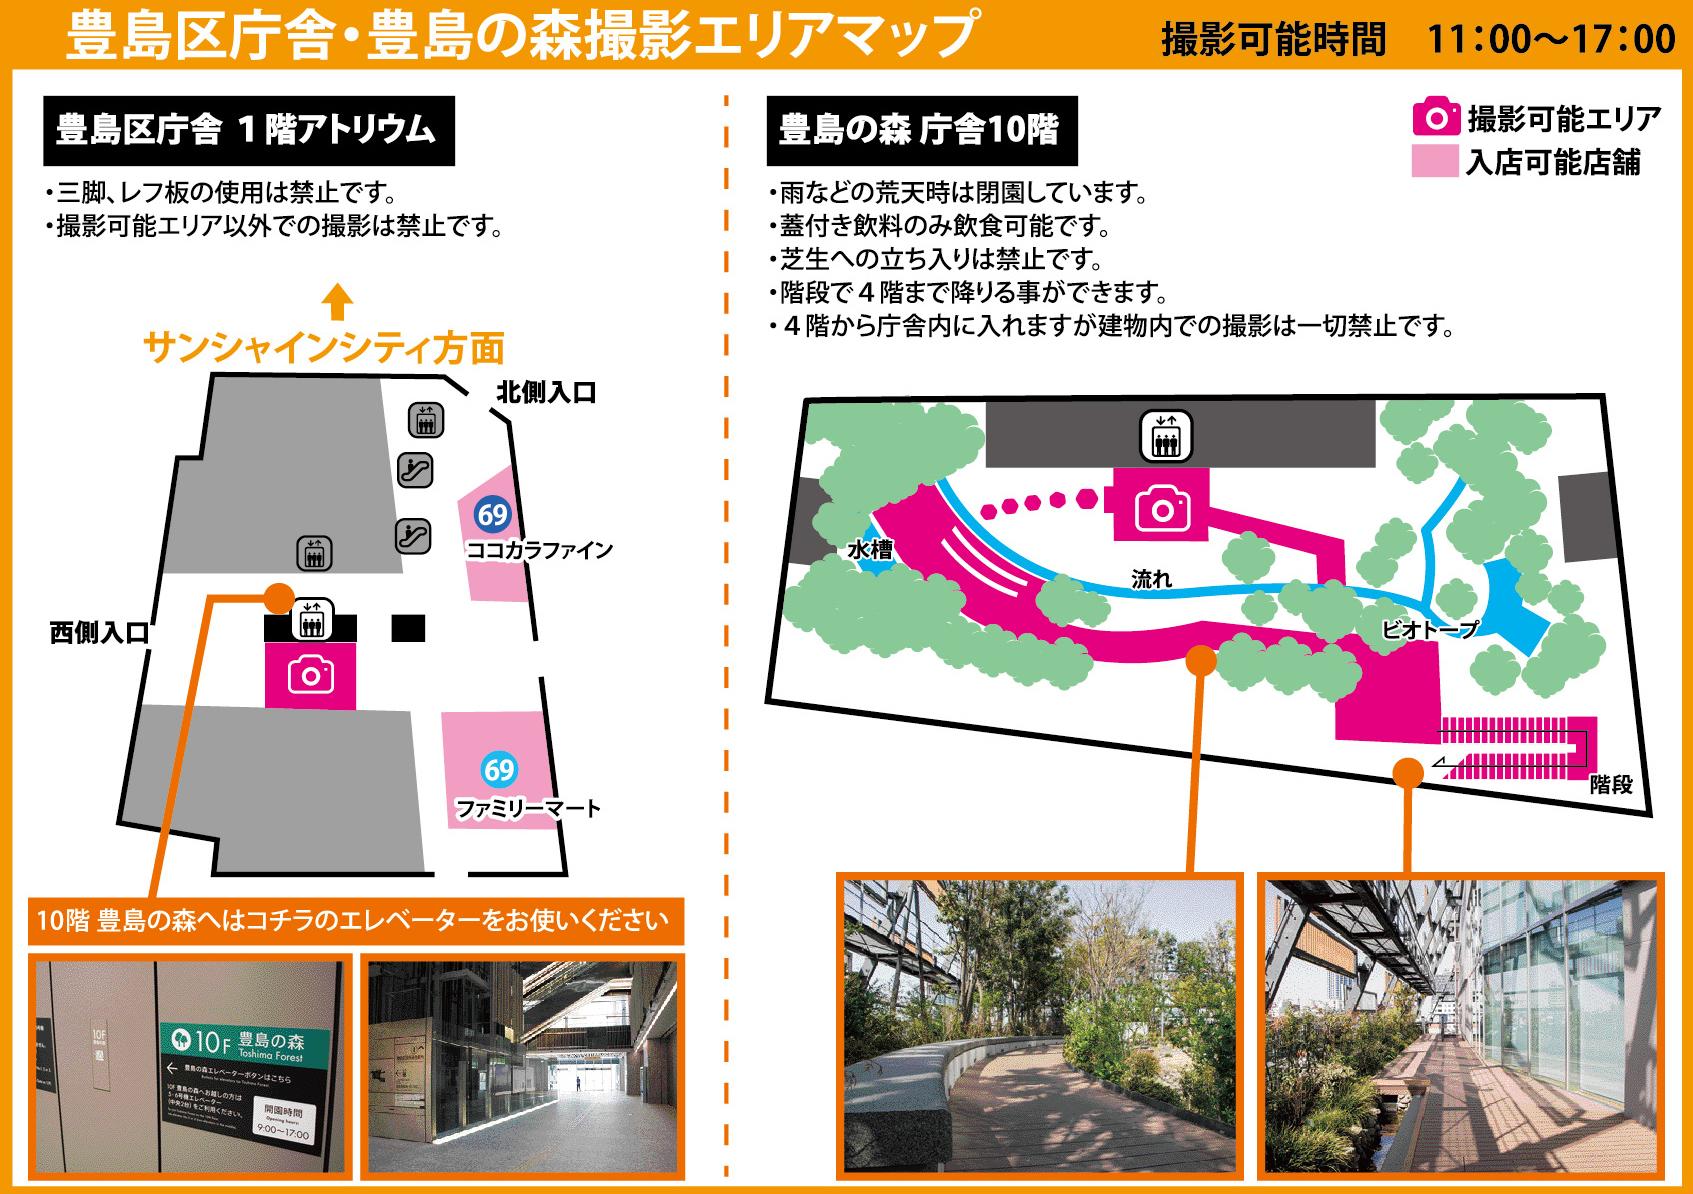 豊島区庁舎MAP